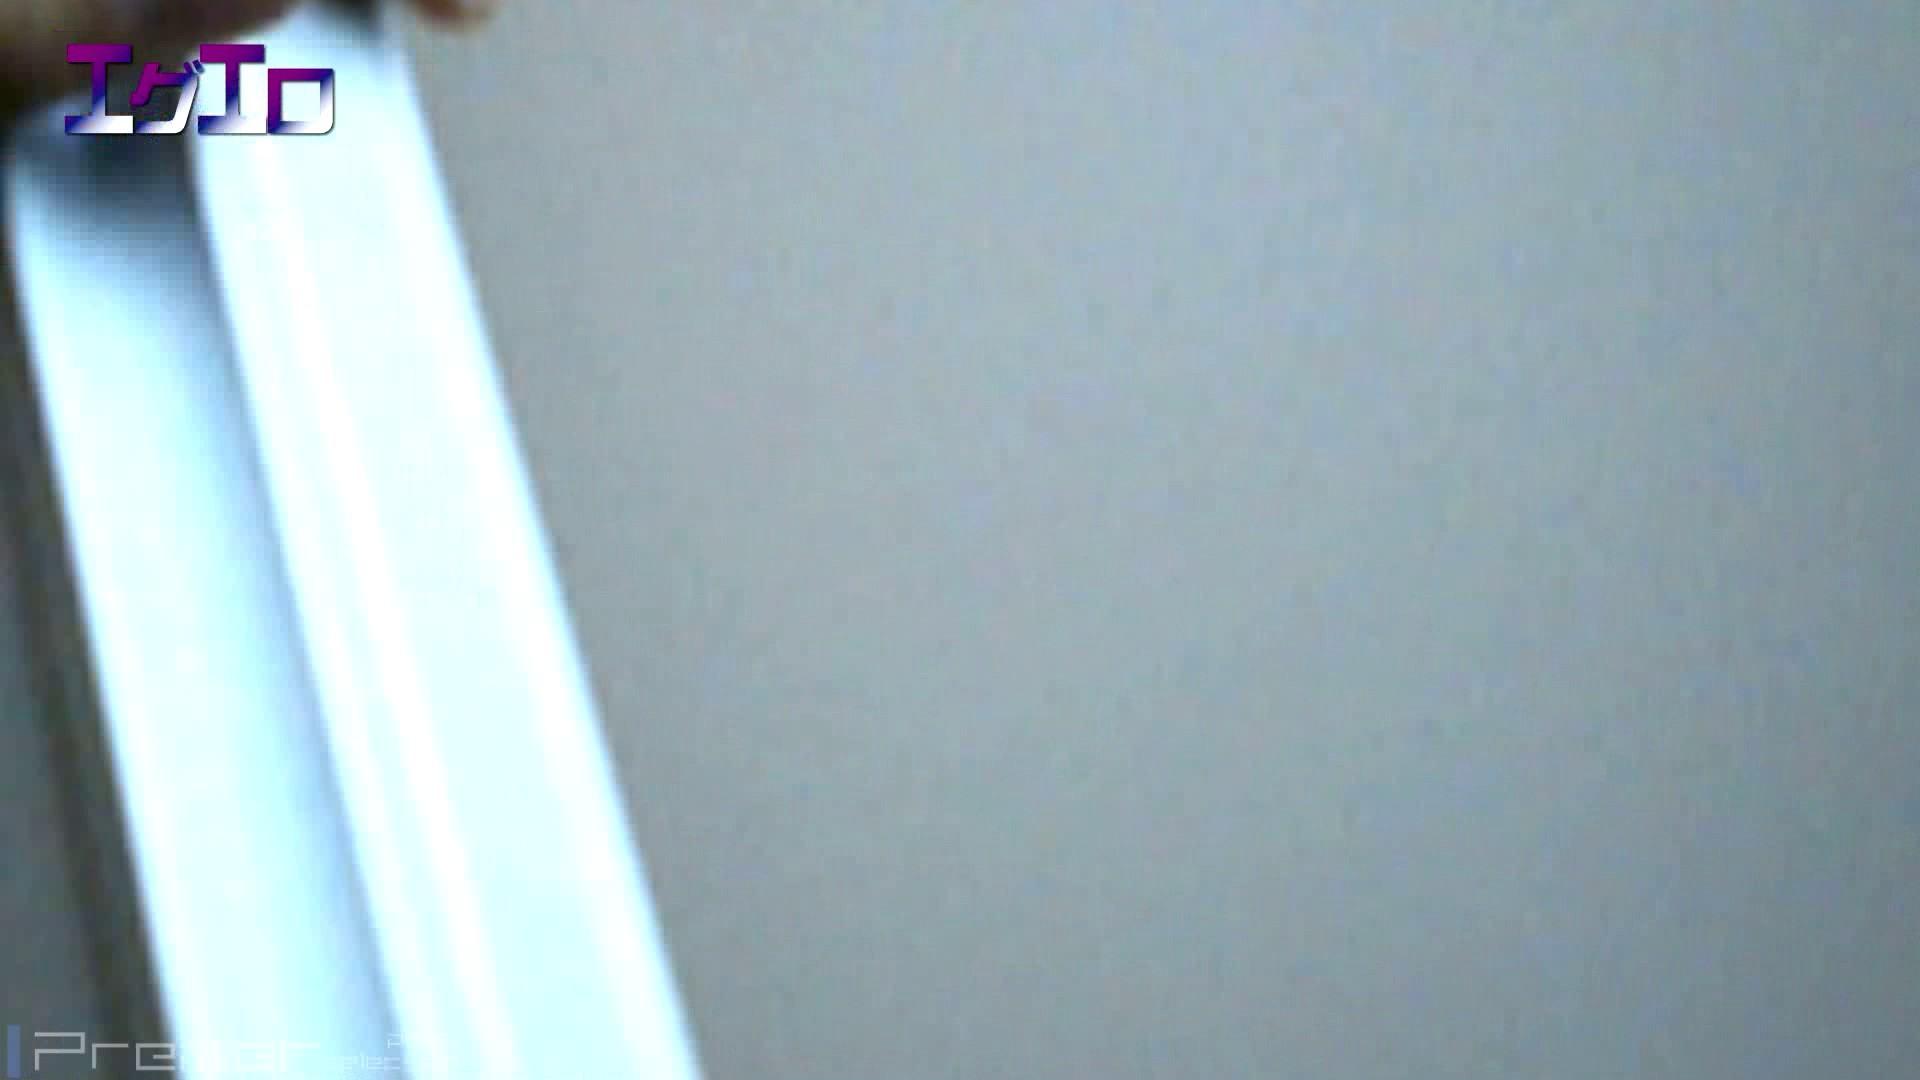 至近距離洗面所 Vol.07 ニーハイソックスに狙いを定めて 美肌 セックス画像 72画像 44